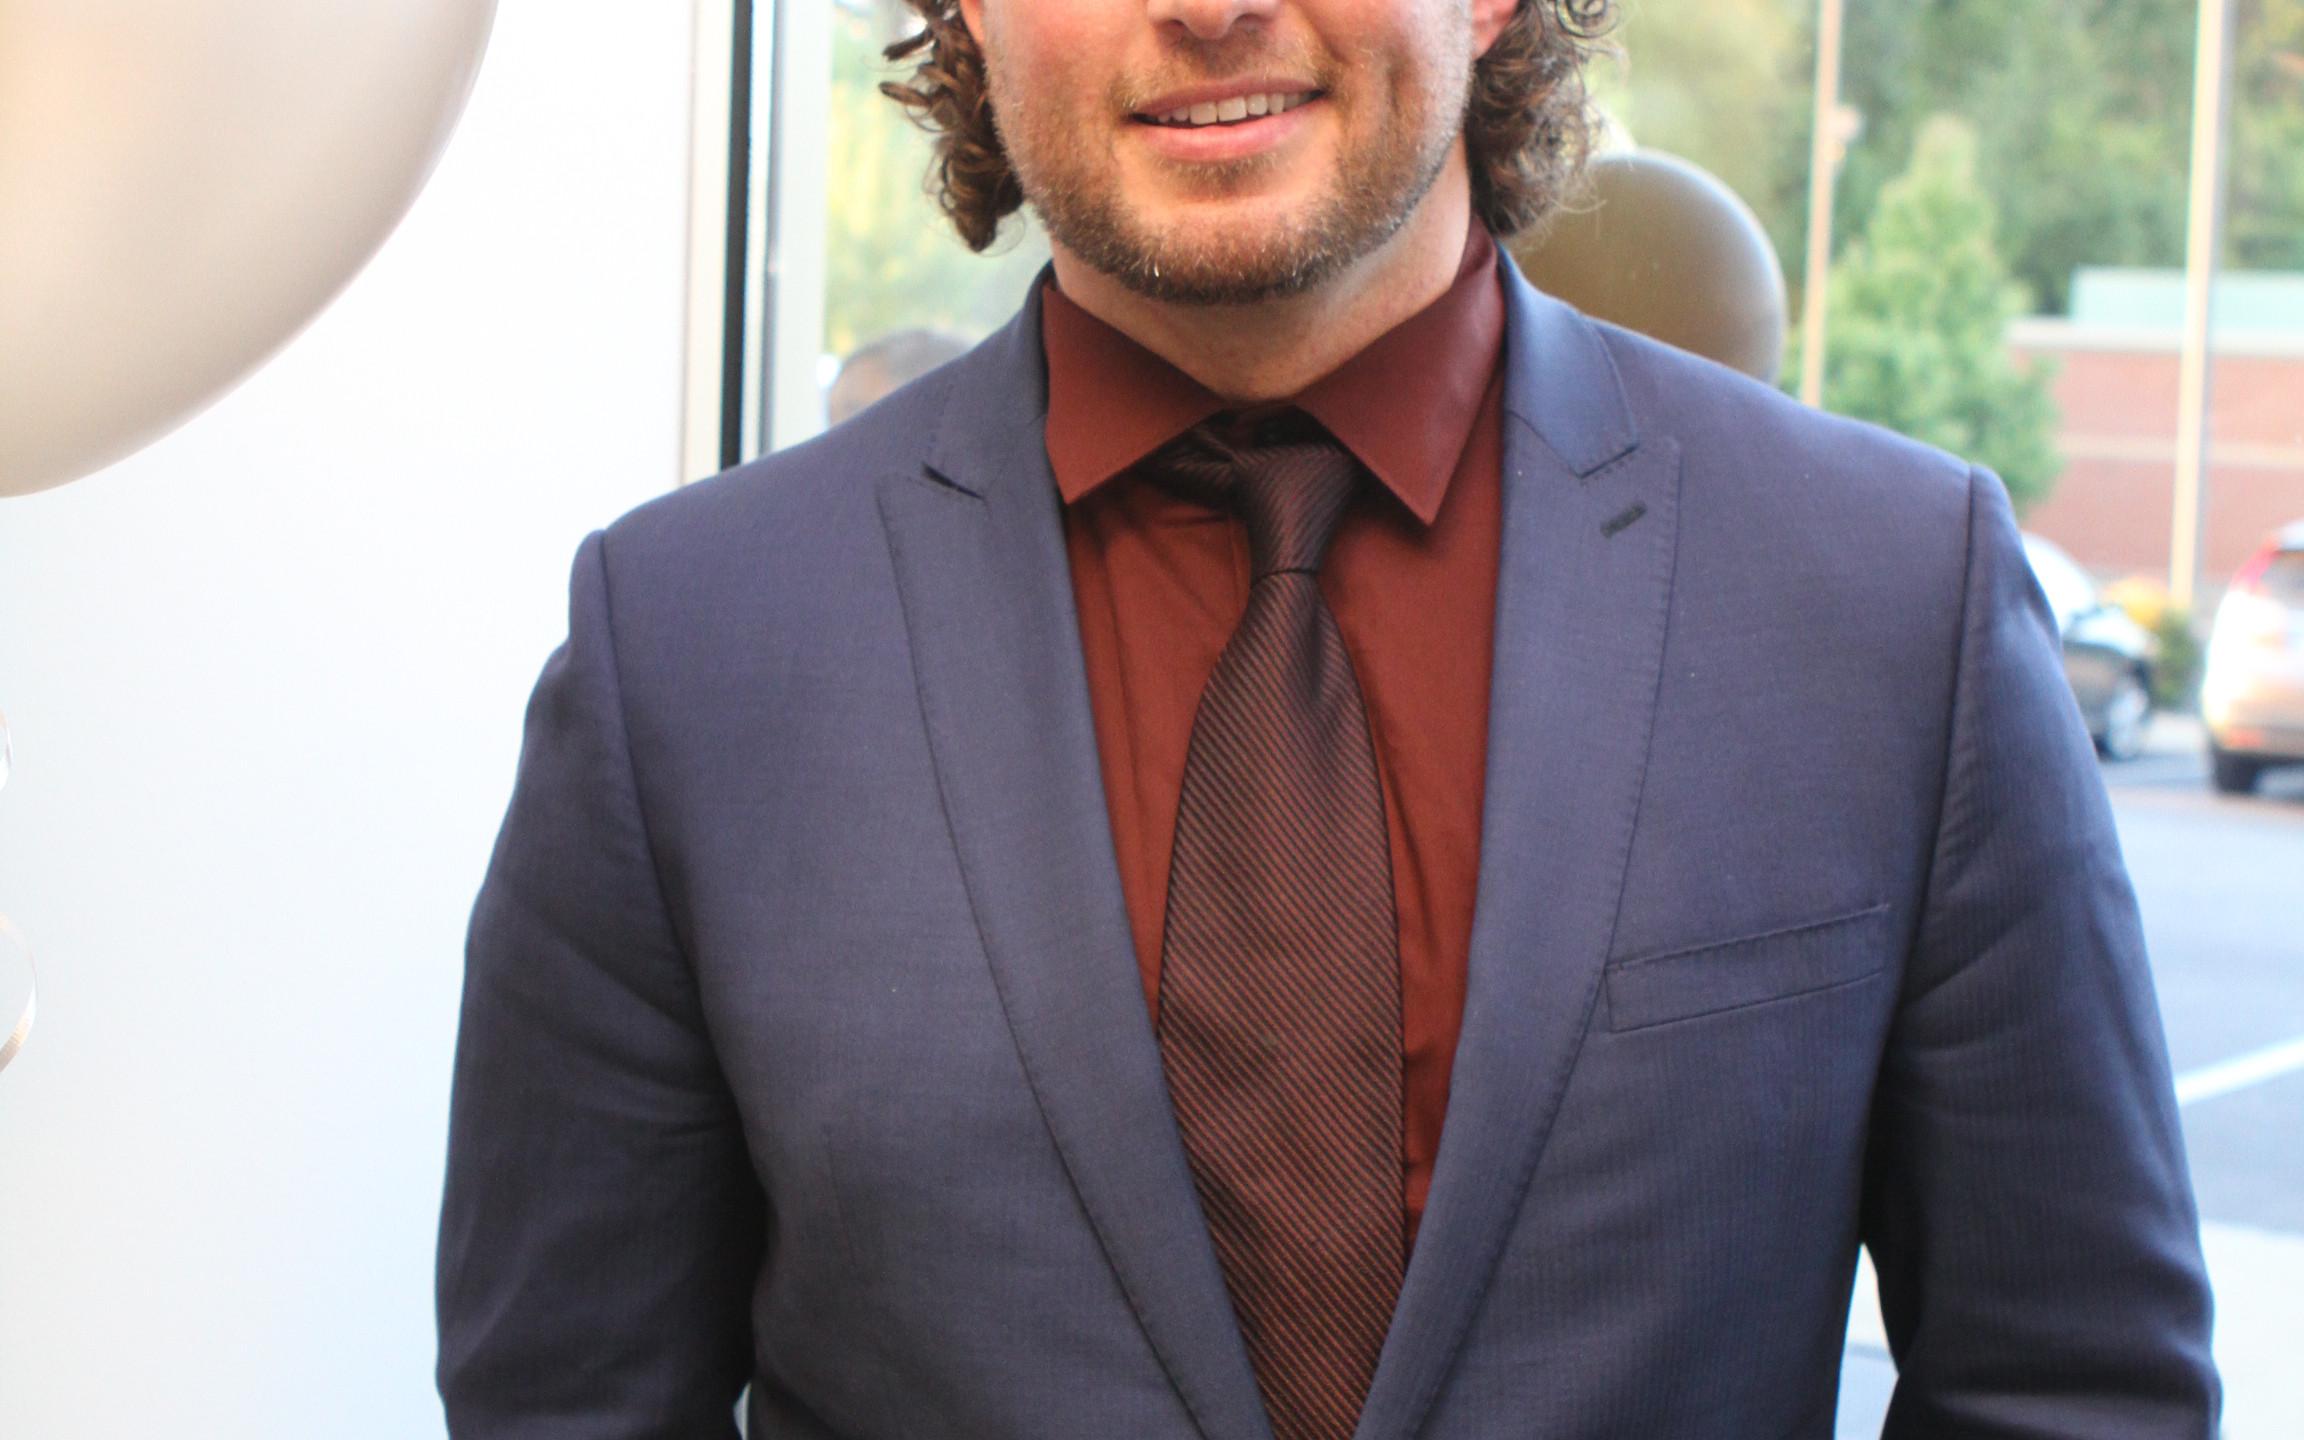 Blake Cagle